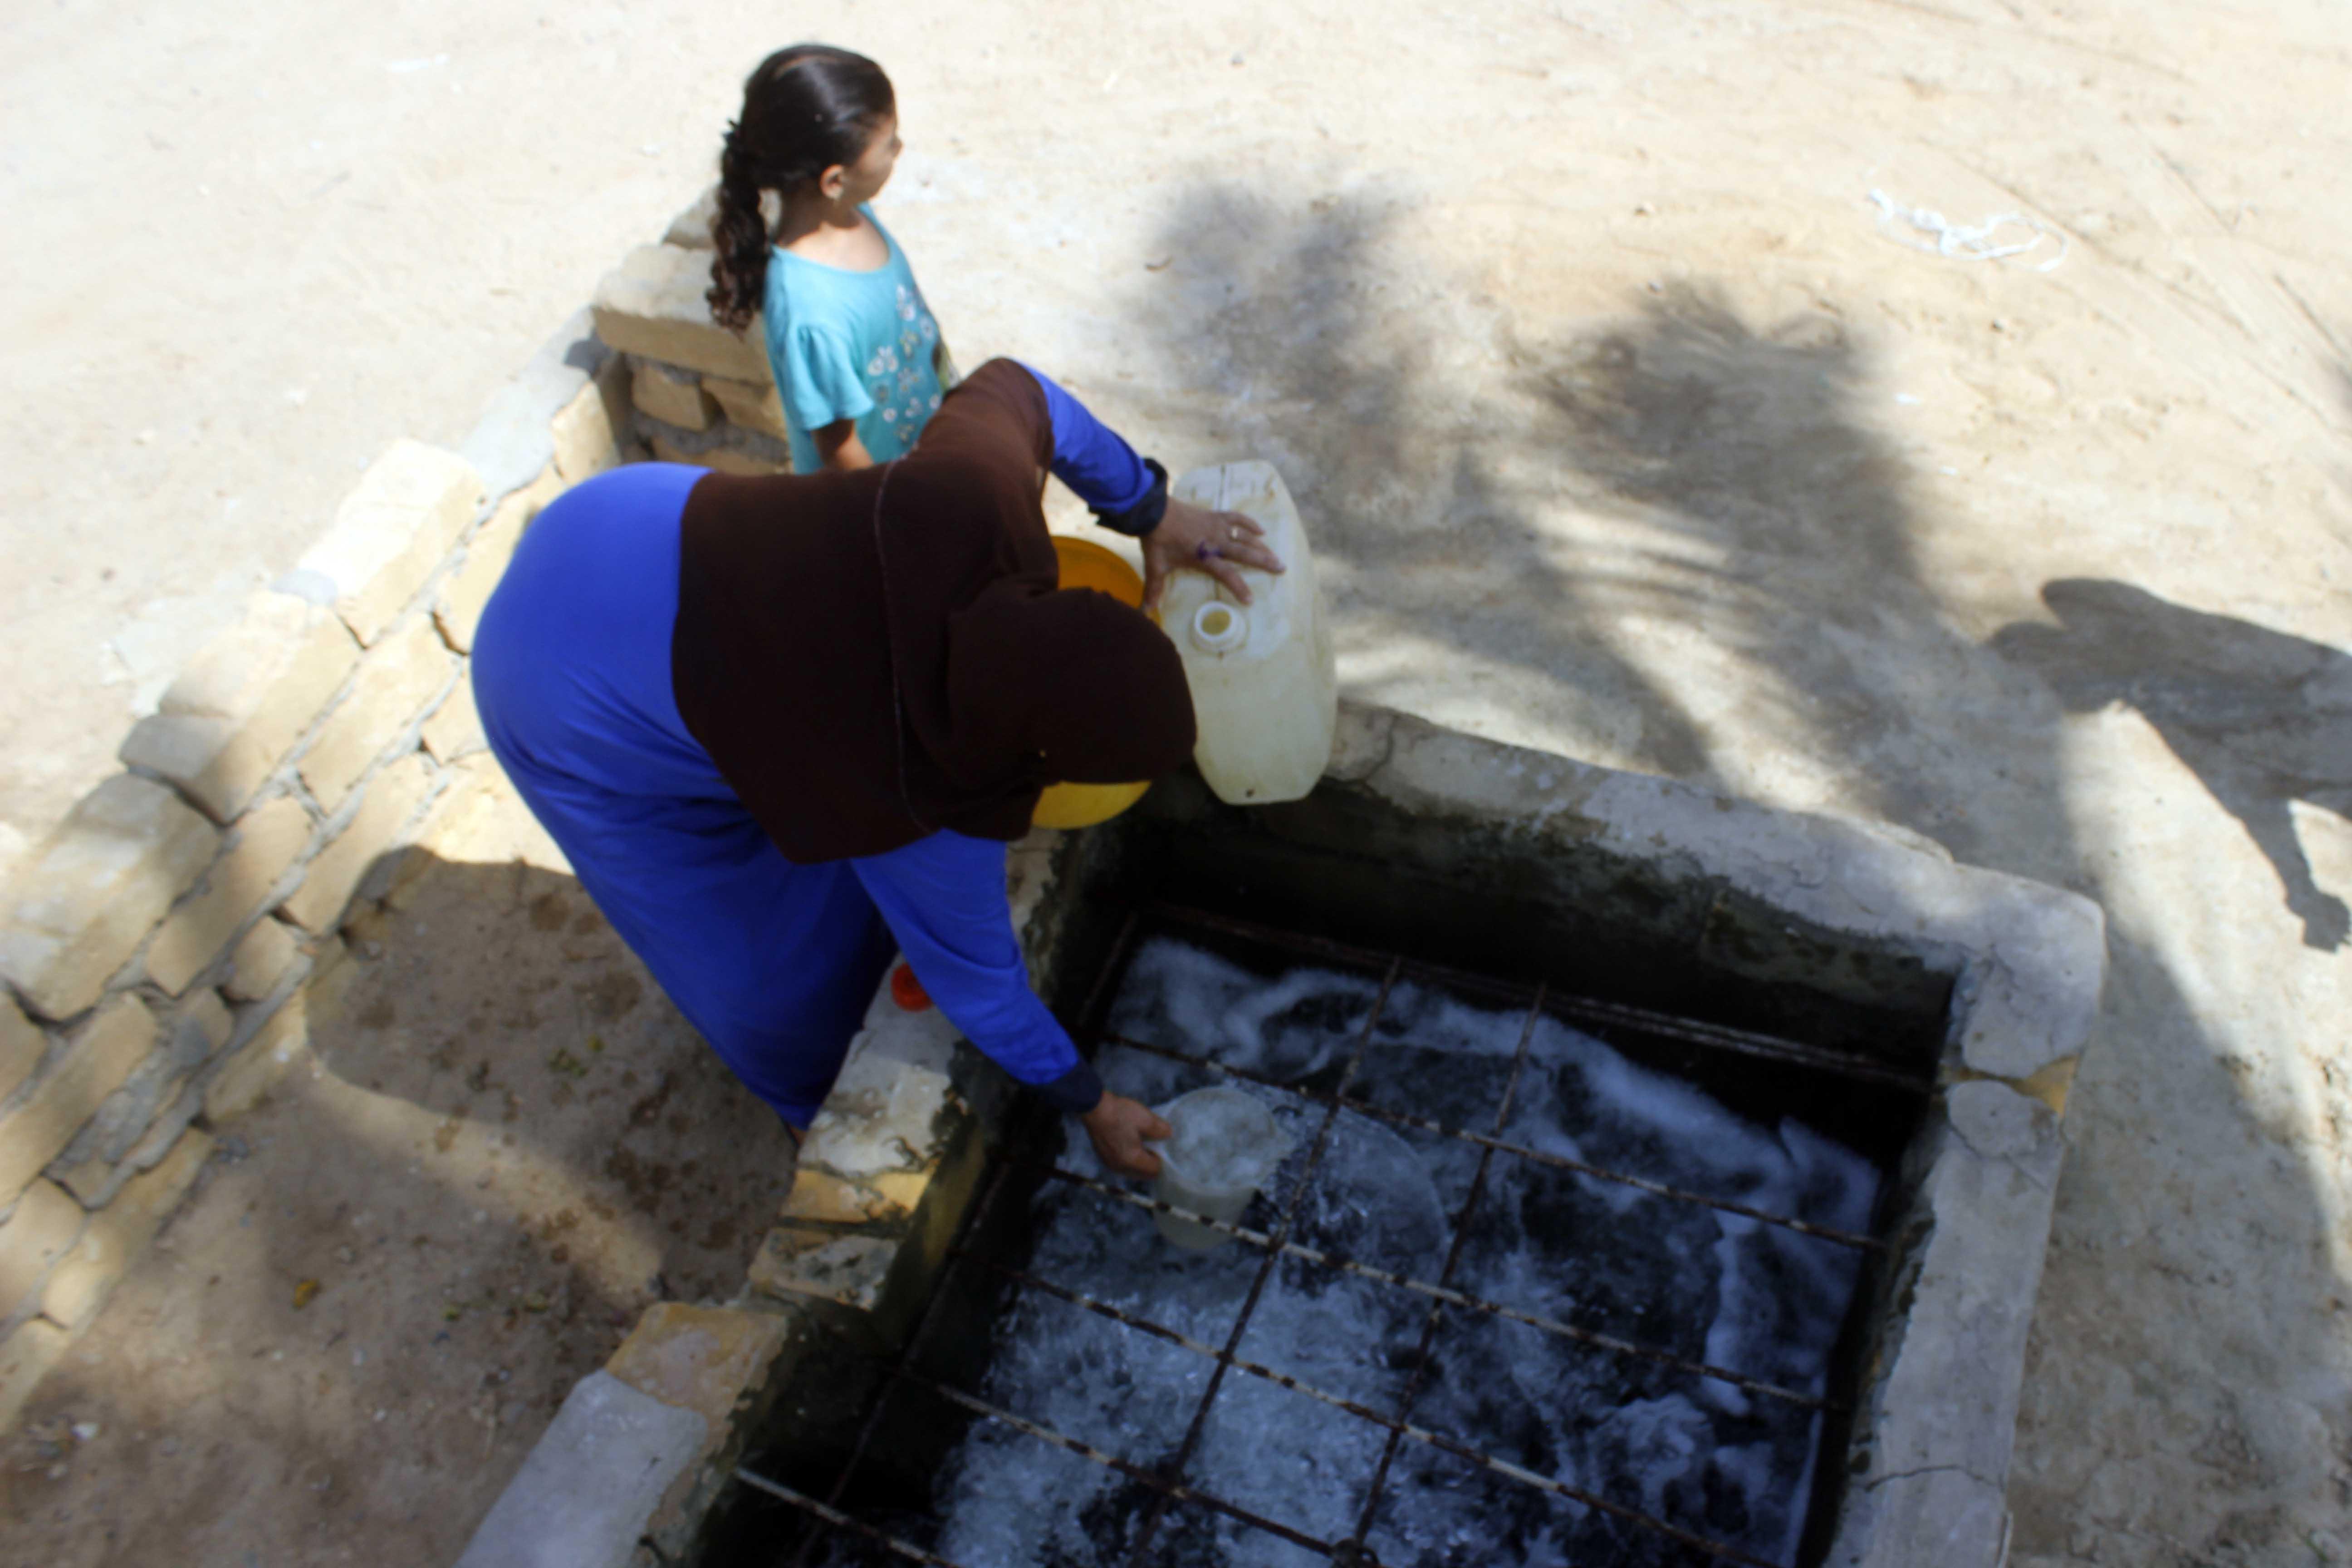 قري  تعيش بدون مياه  شرب  لأربعة أشهر  - تصوير  محمد عوض  (14)